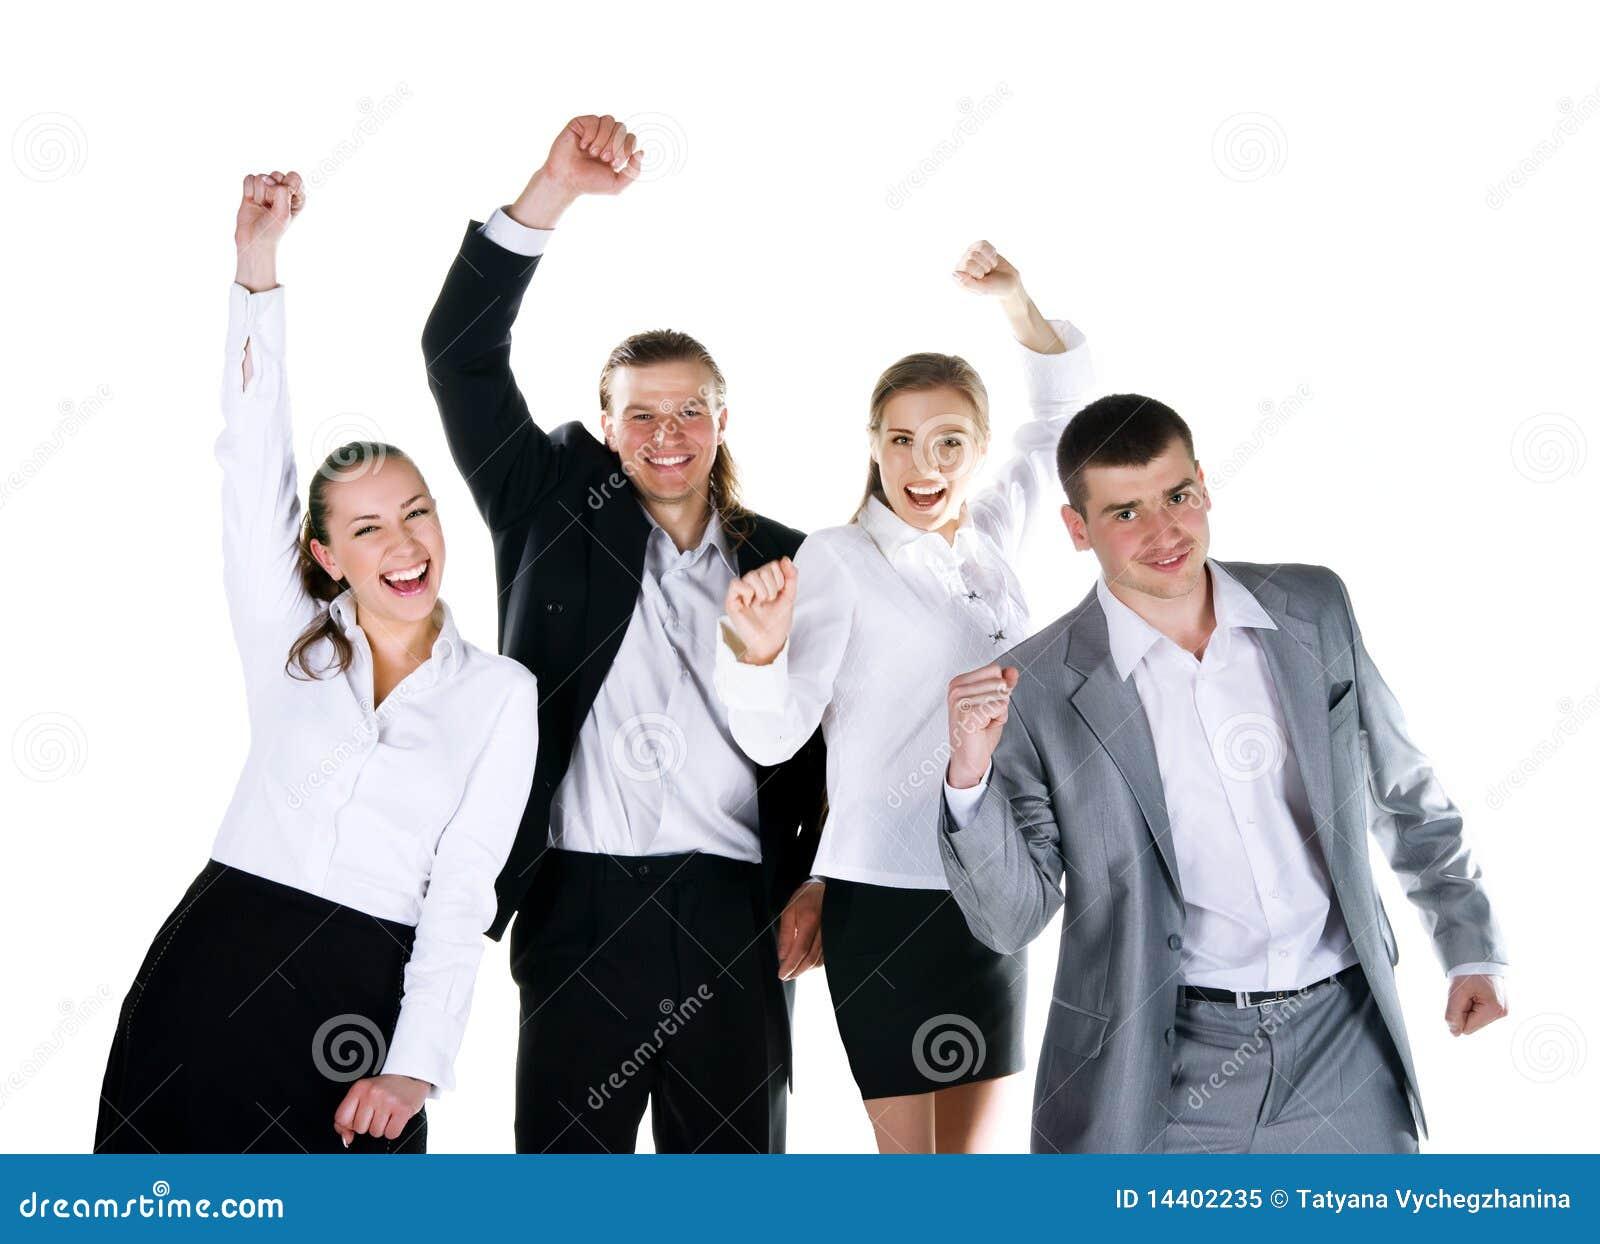 Cuatro personas est n sonriendo foto de archivo libre de for Hotel para cuatro personas